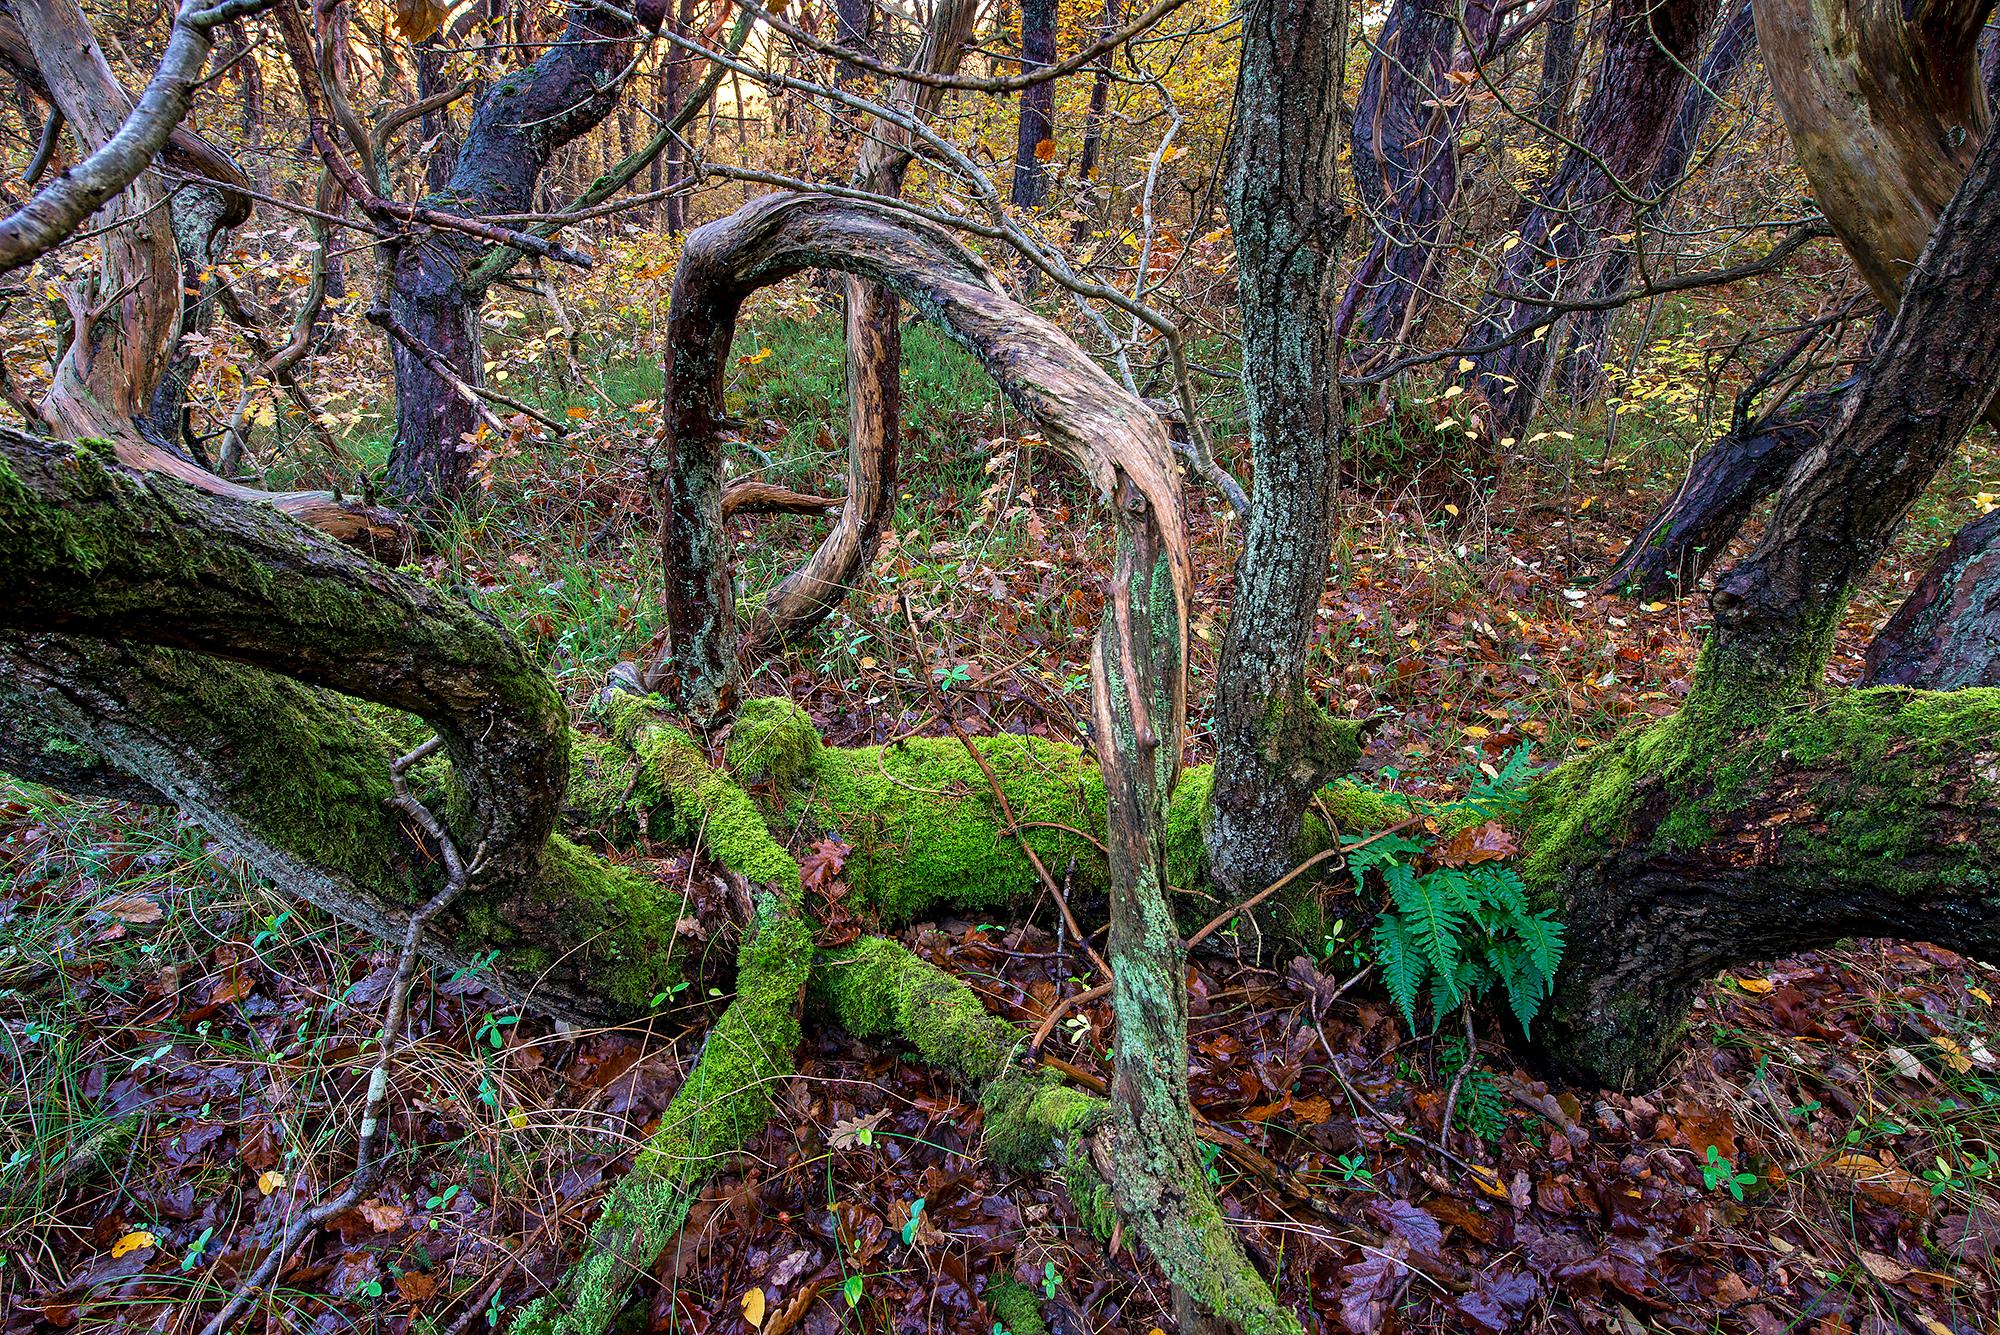 Met mossen bedekte verwrongen boomstammen en takken in het oude naaldbos van de Schoorlse Duinen.